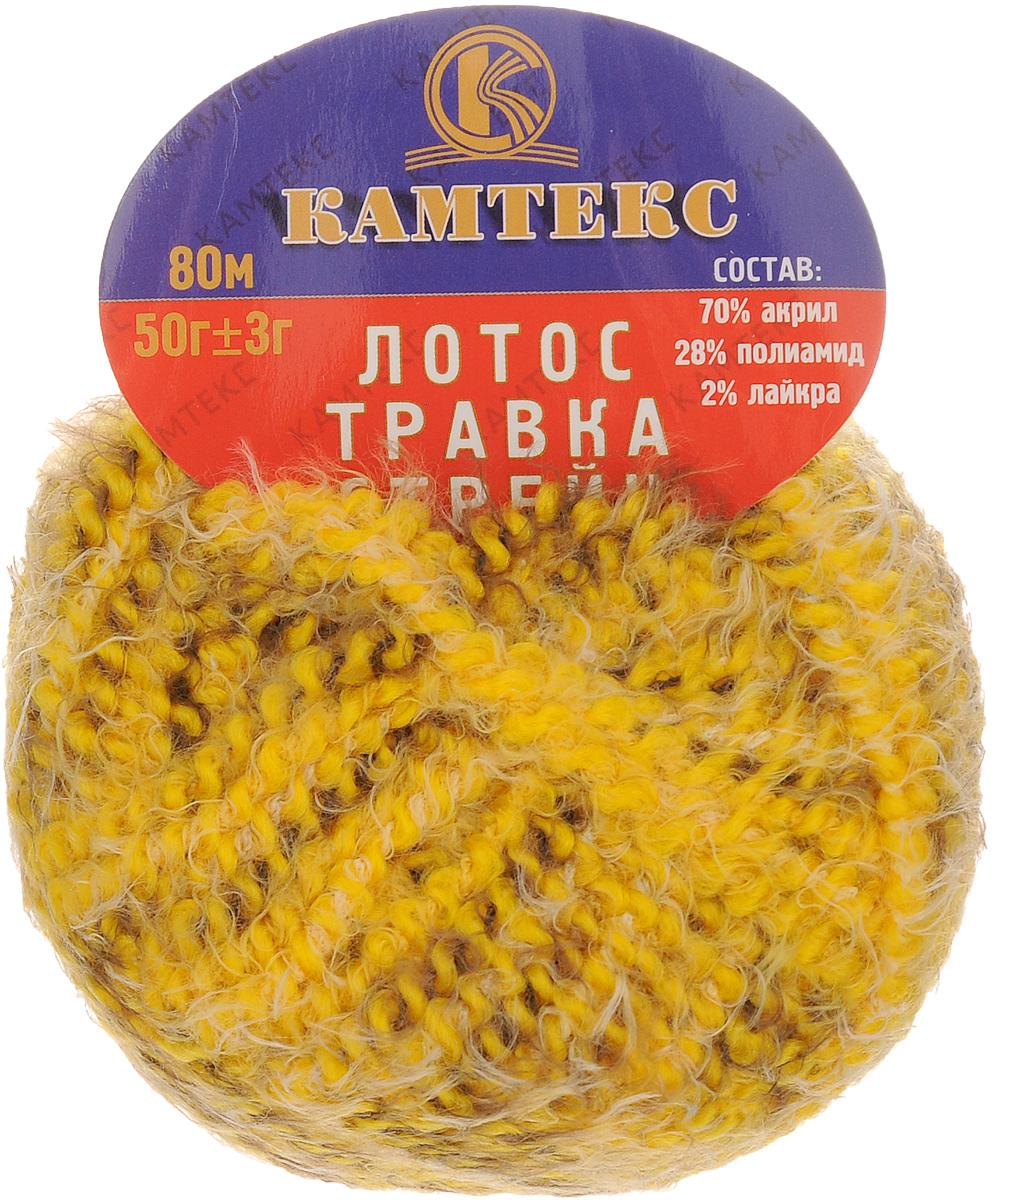 """Пряжа для вязания Камтекс """"Лотос травка стрейч"""", цвет: желтый, черный (250), 80 м, 50 г, 10 шт"""